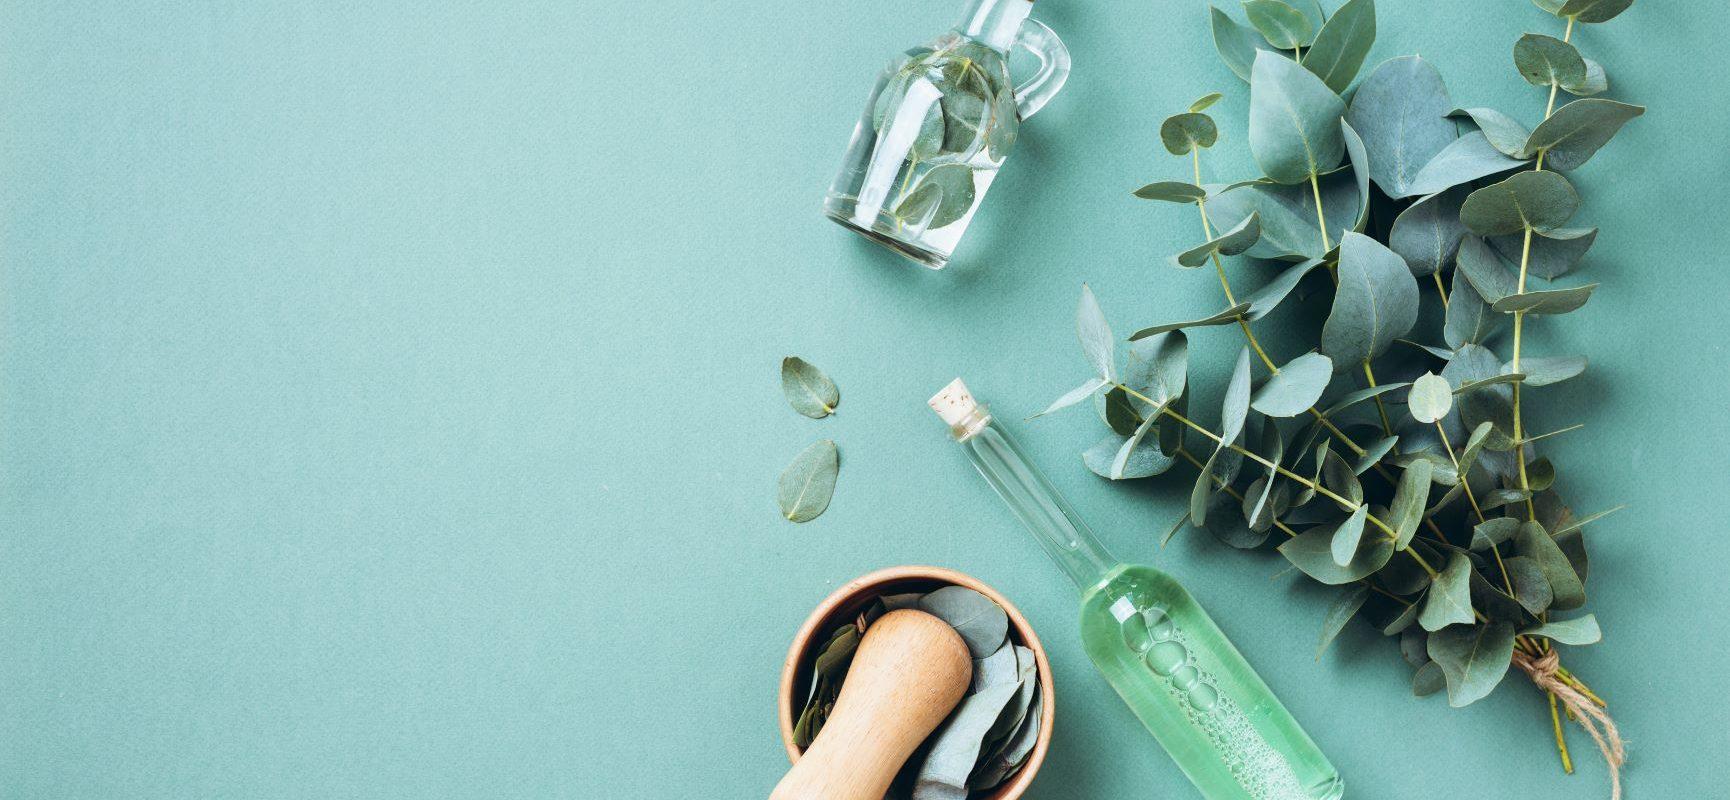 Eko dezynfekcja z olejkiem eukaliptusowym w roli głównej. Olejek eukaliptusowy używany jest do ekologicznego sprzątania, masażu i inhalacji. Jak zrobić domowe środki czystości DIY z olejkiem eukaliptusowym?